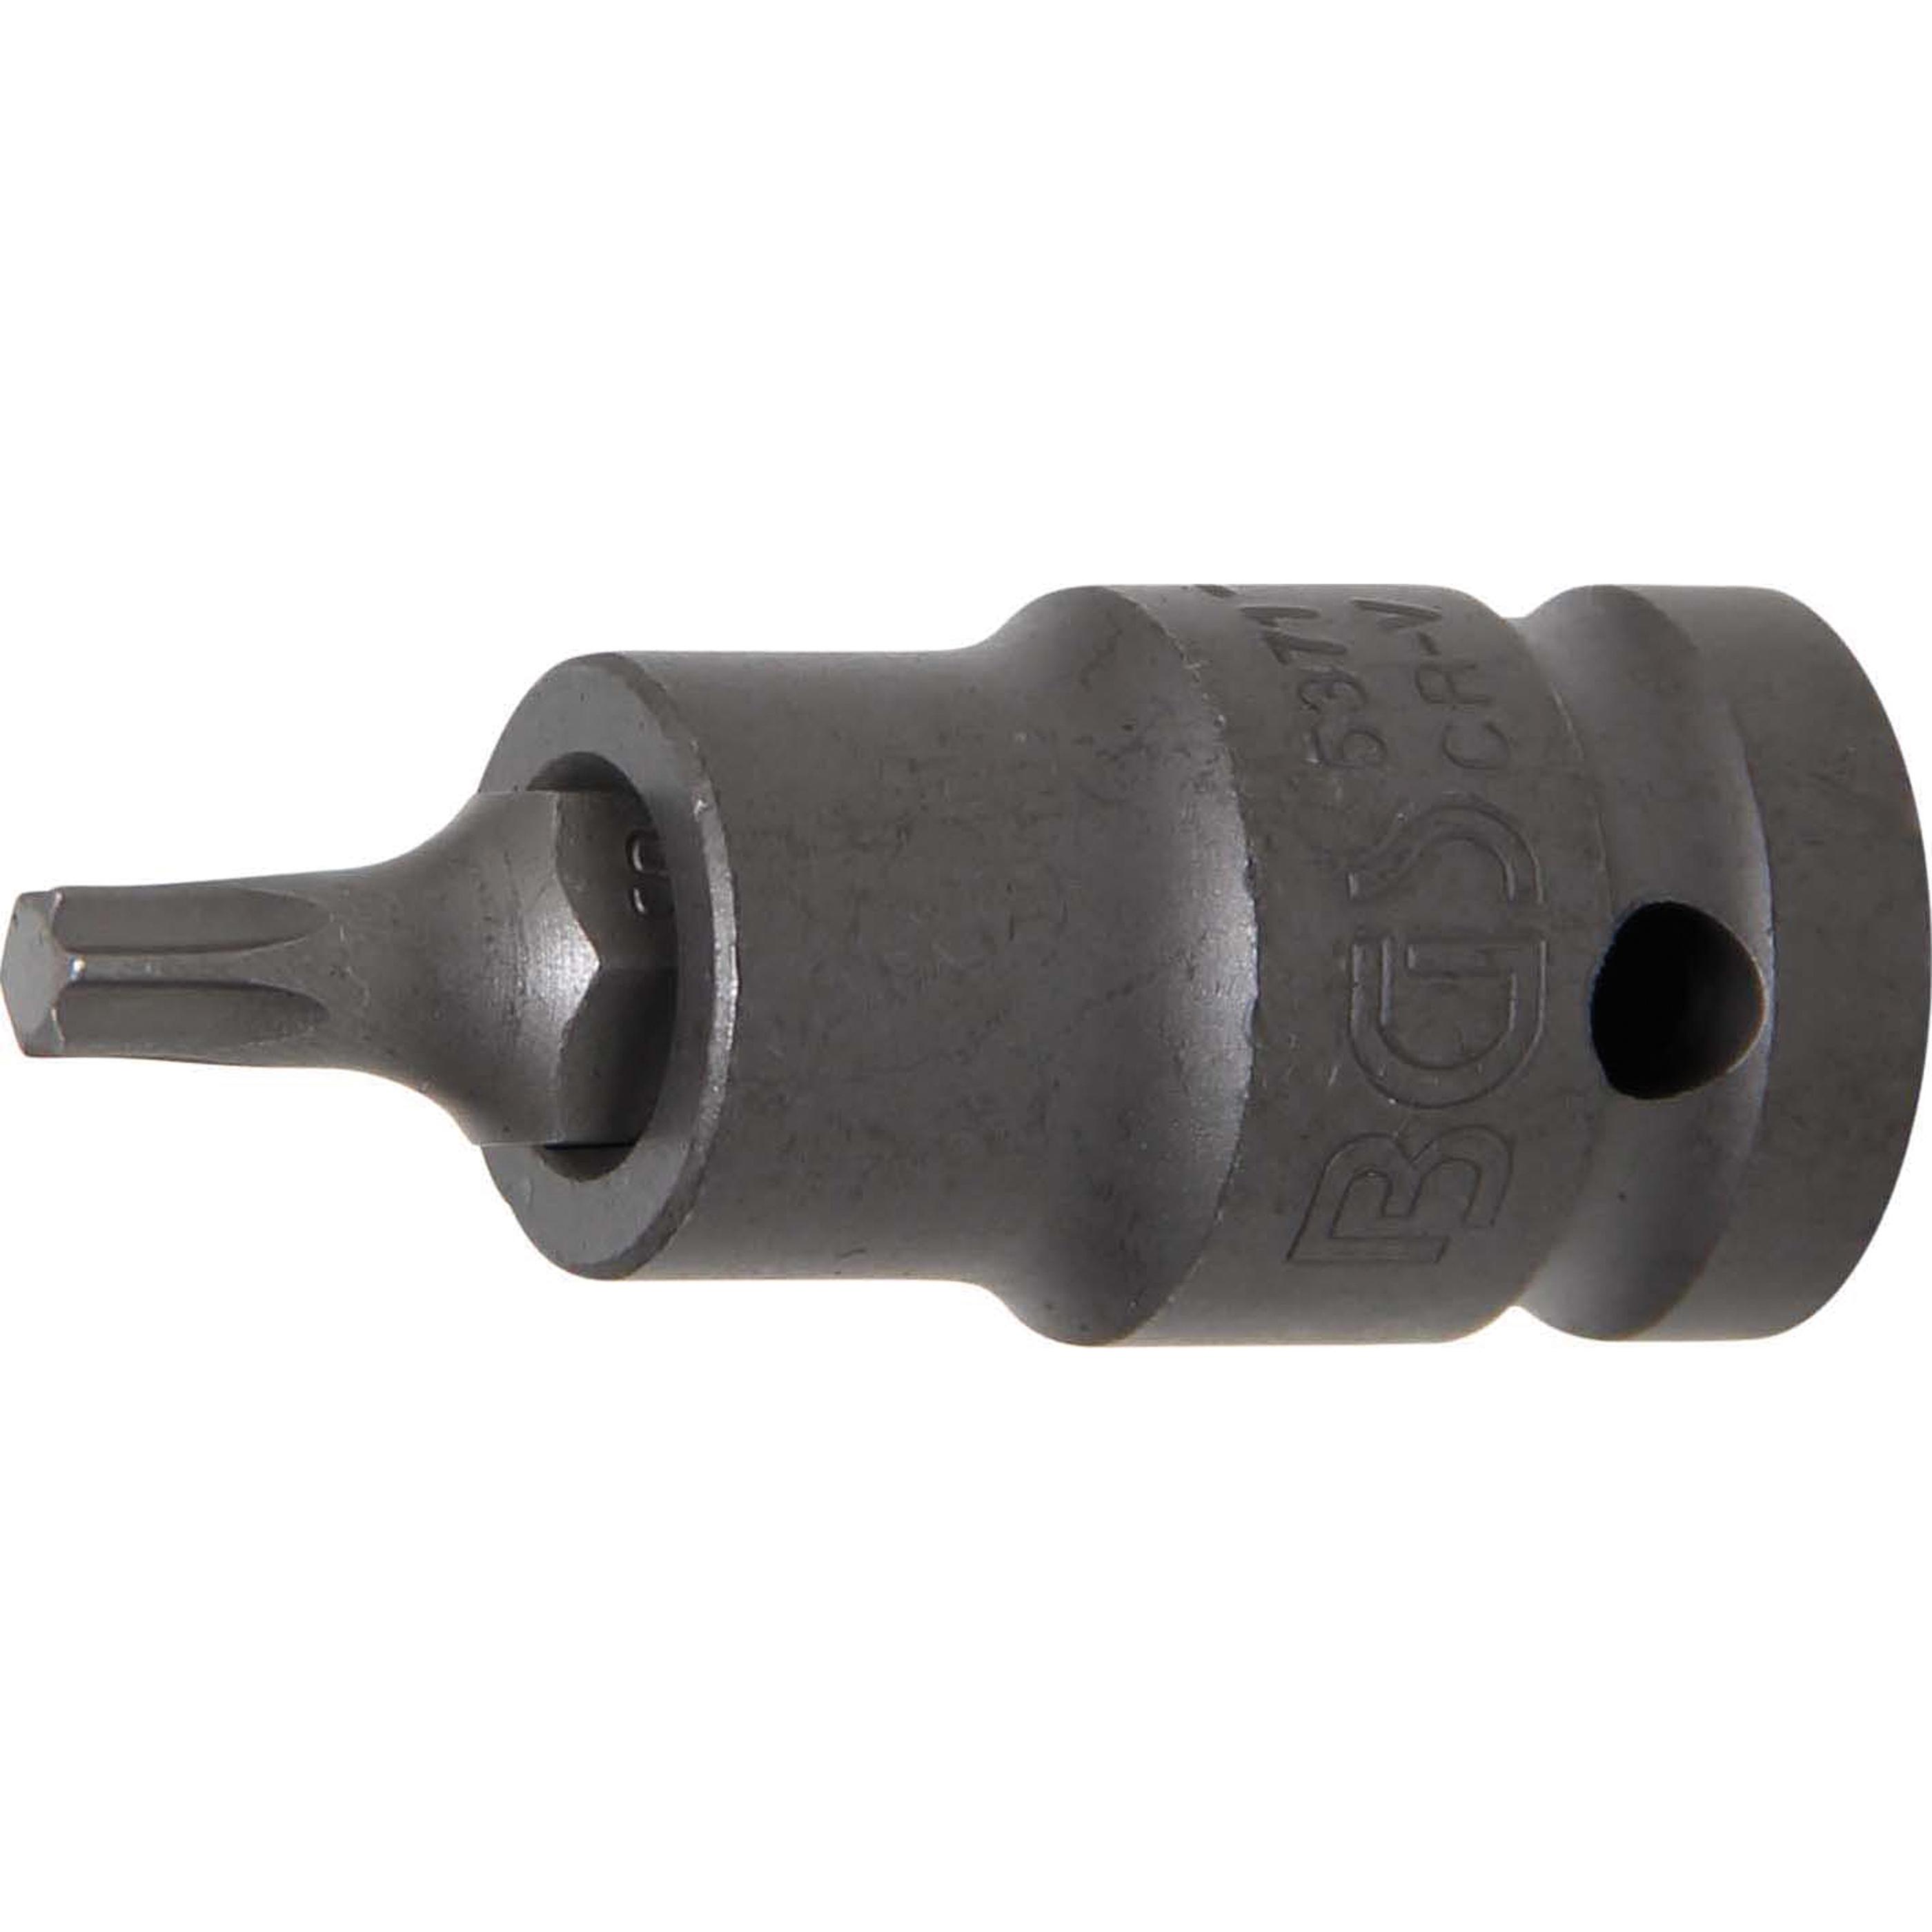 T30 BGS 4471 f/ür Torx 1//2 Bit-Einsatz L/änge 100 mm | T-Profil 12,5 mm